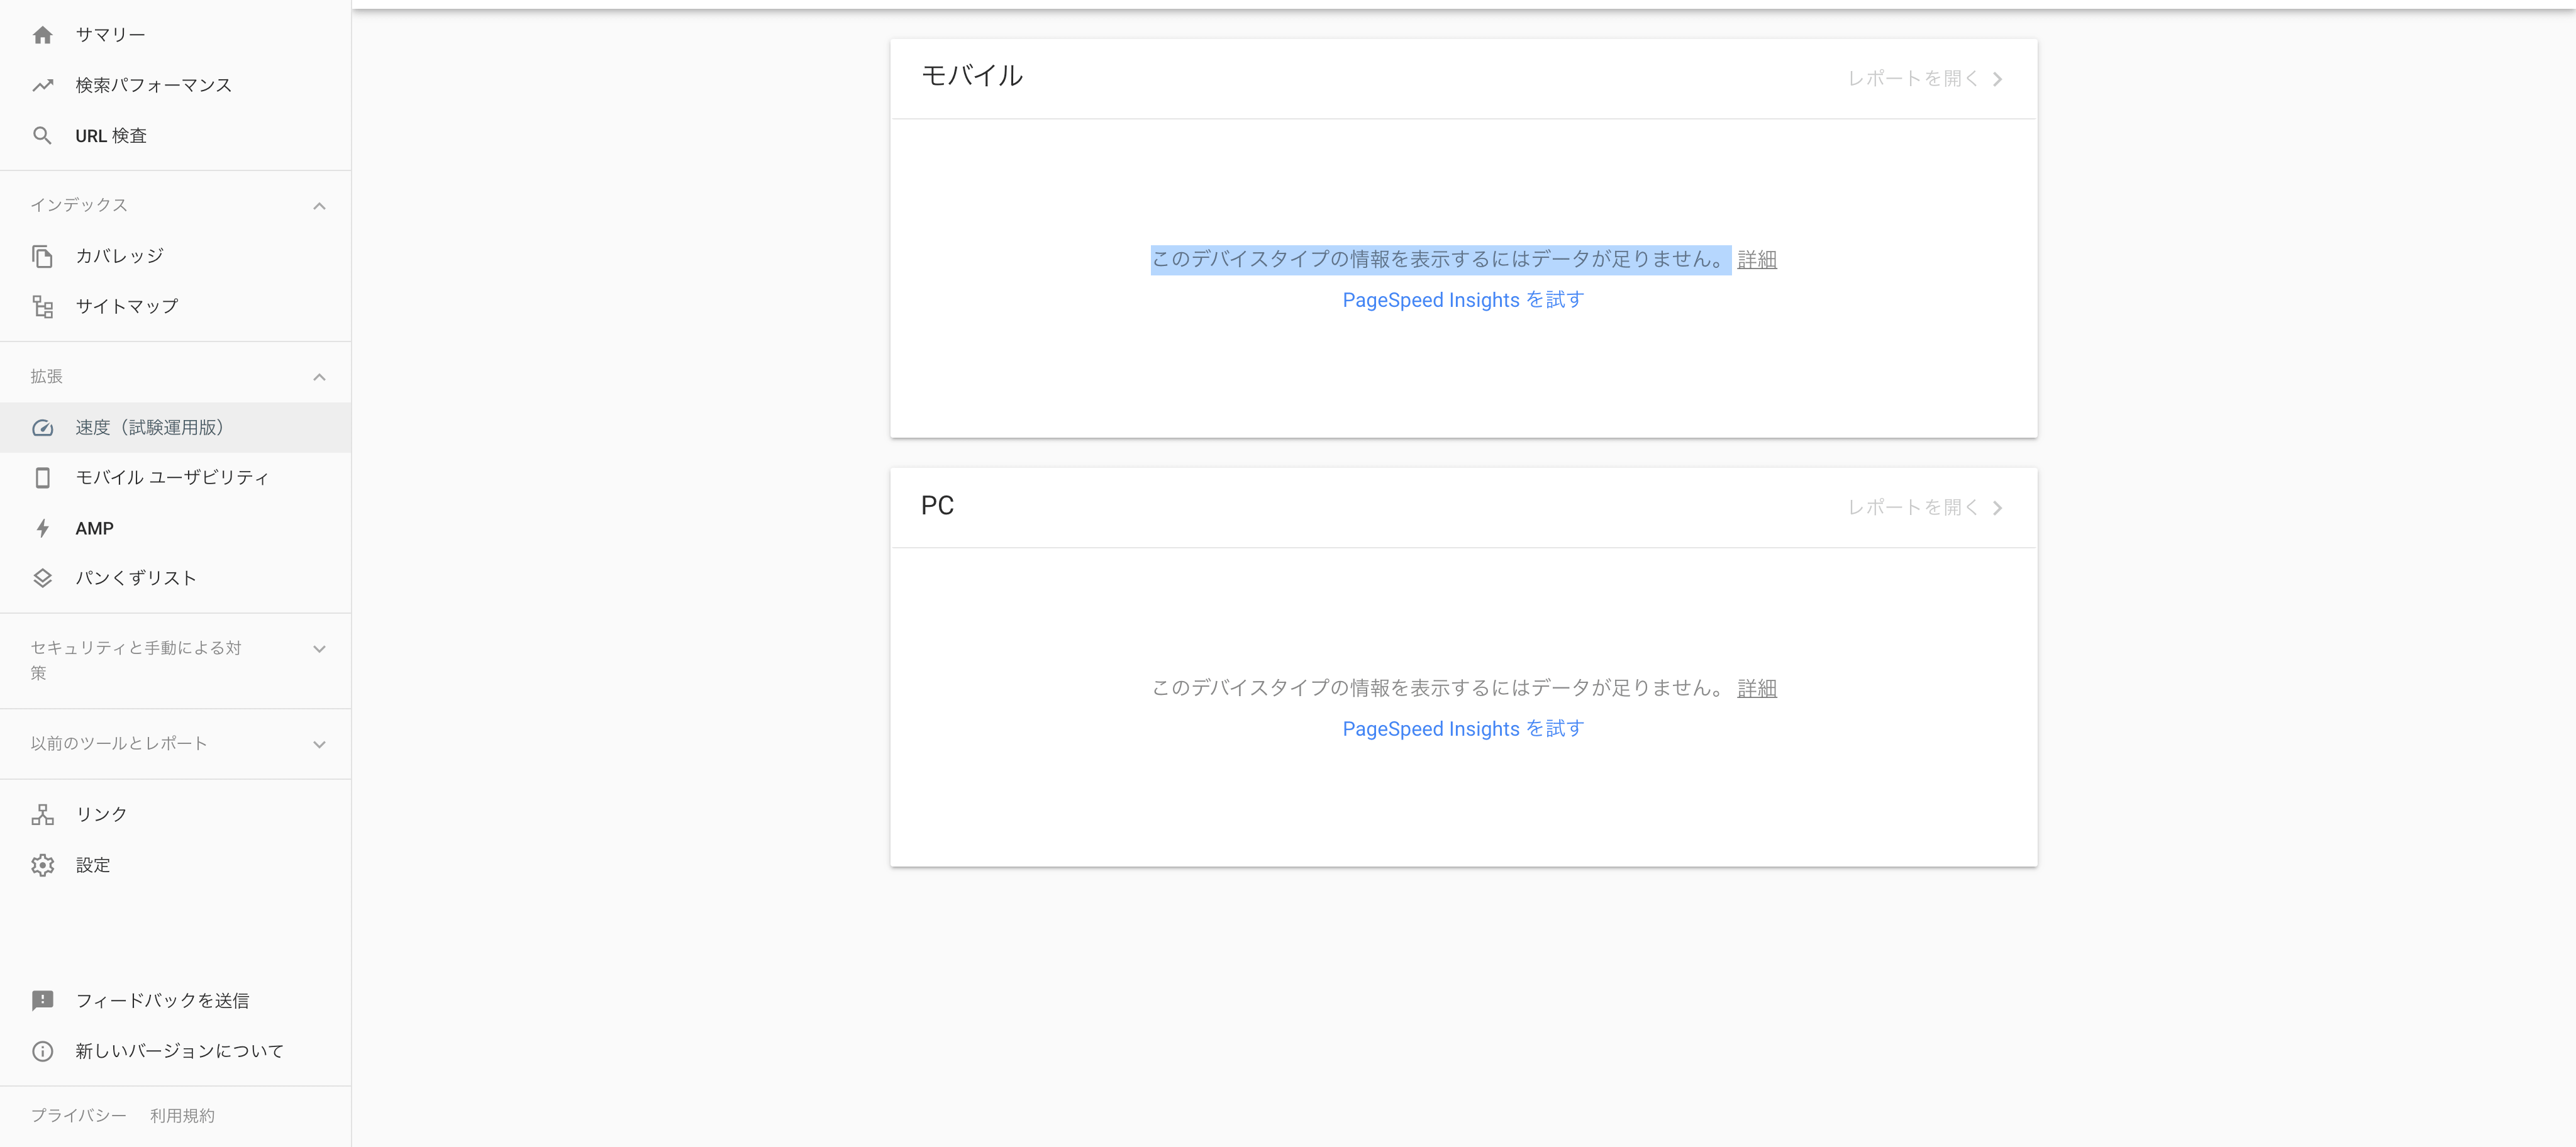 このデバイスタイプの情報を表示するにはデータが足りませんど表示されているページ